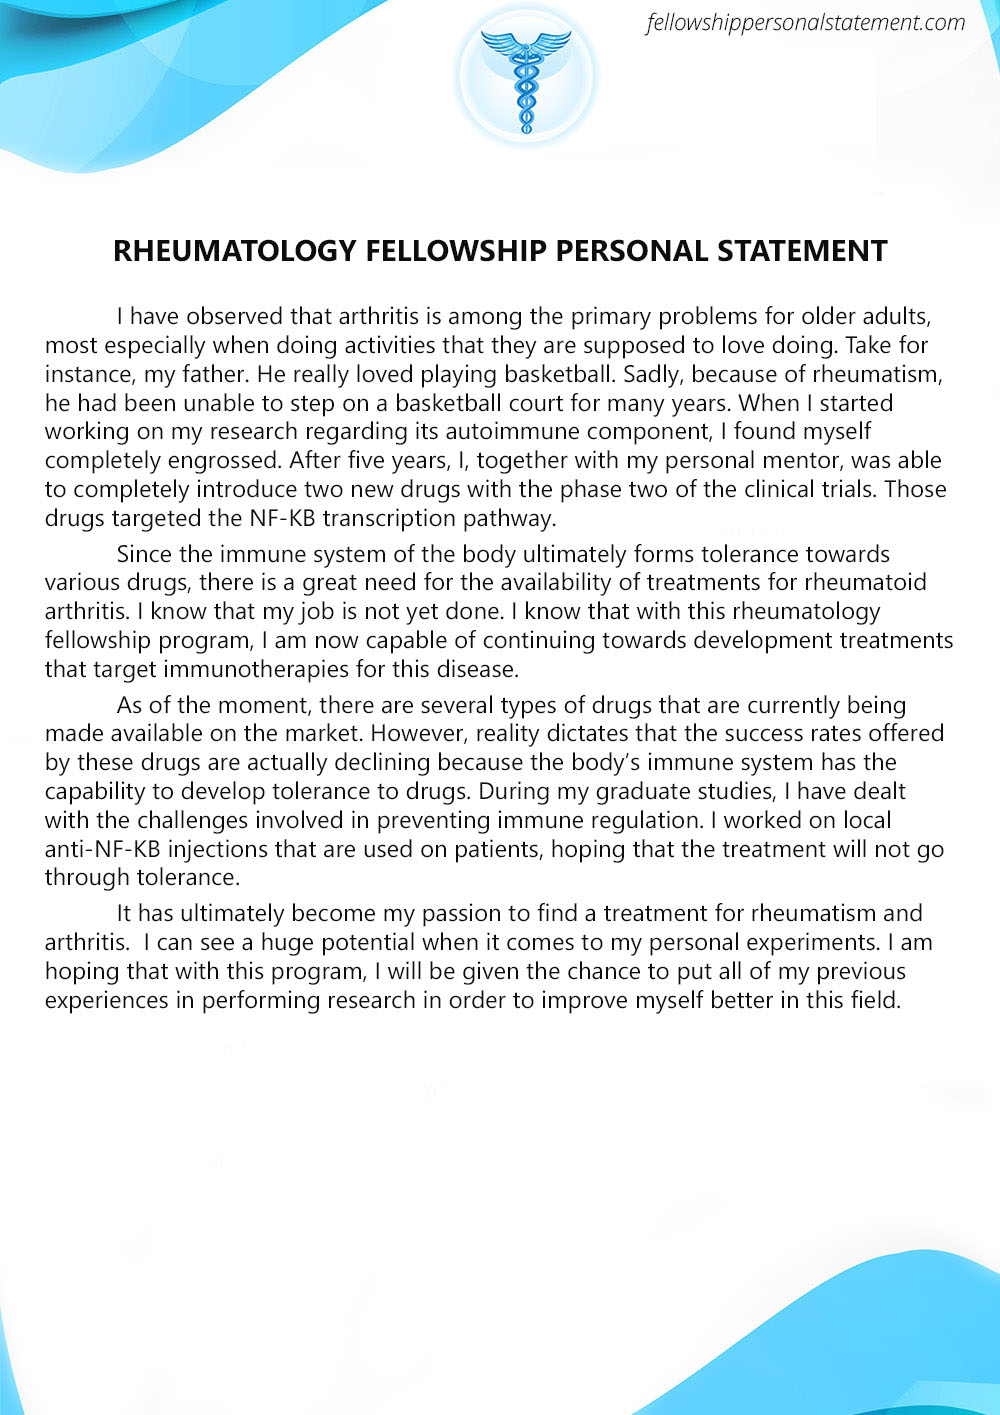 rheumatology fellowship personal statement writing service